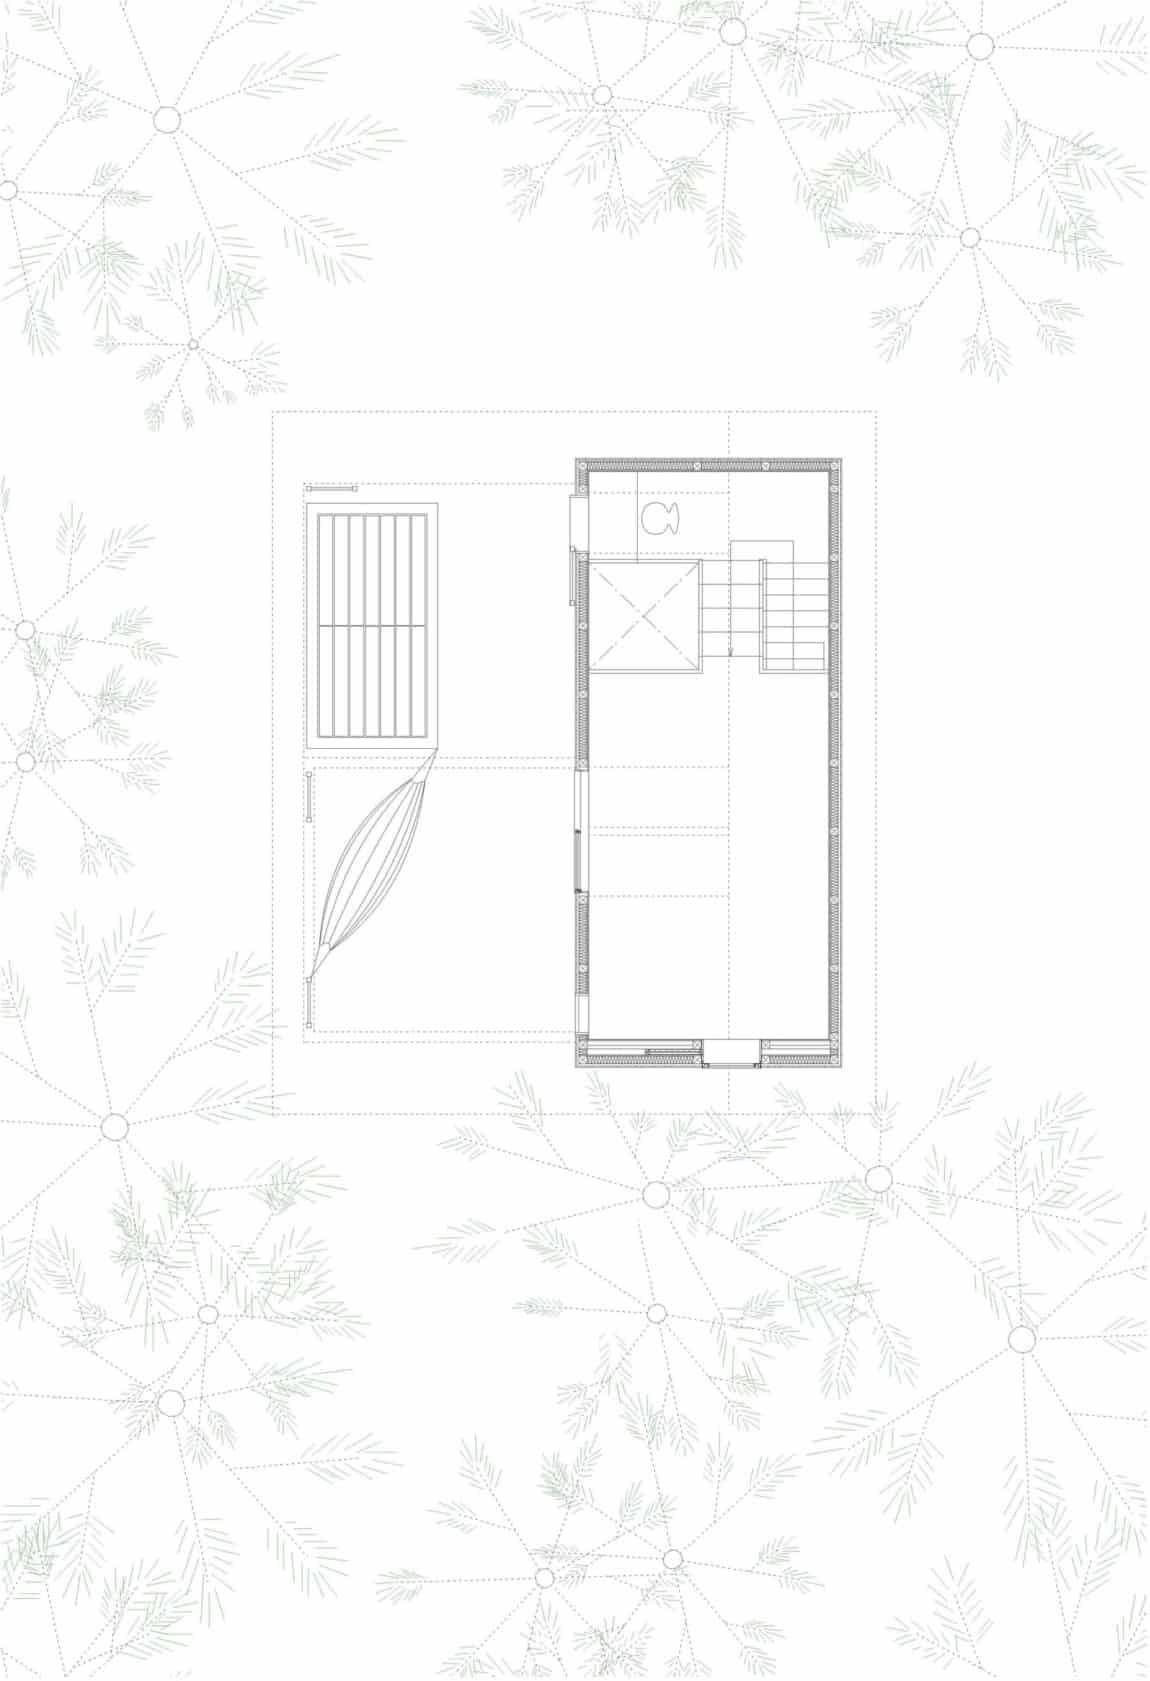 Villa in Hakuba by Naka Architects (15)